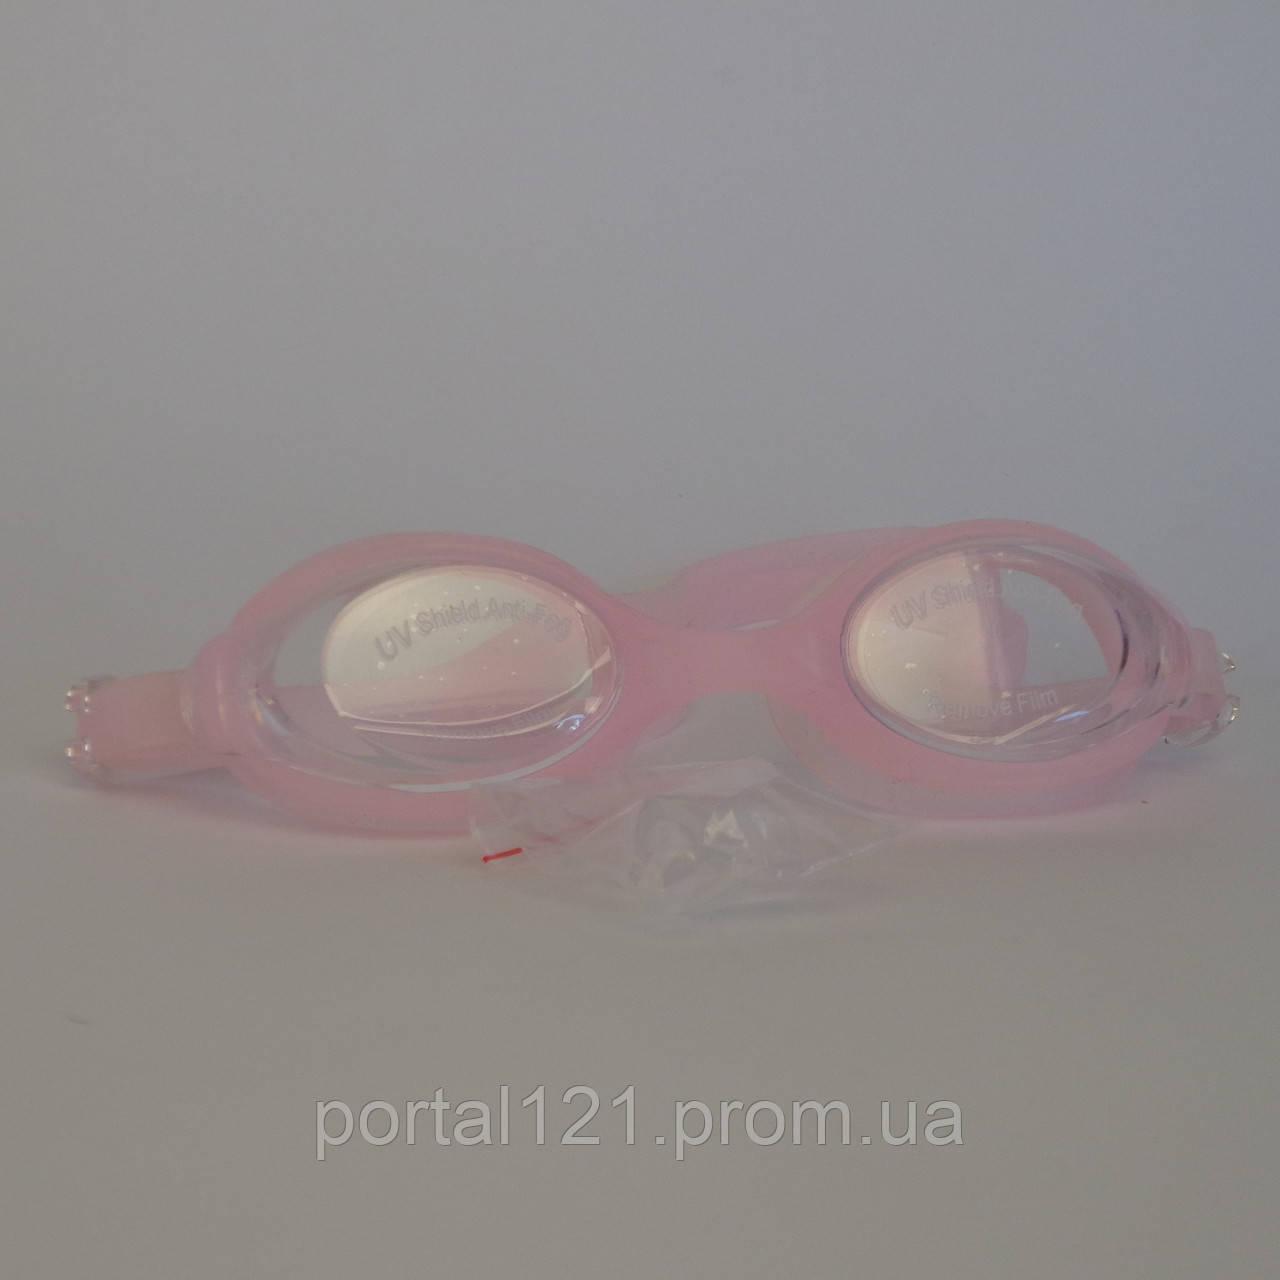 Очки для плавания DOVLOR розовые